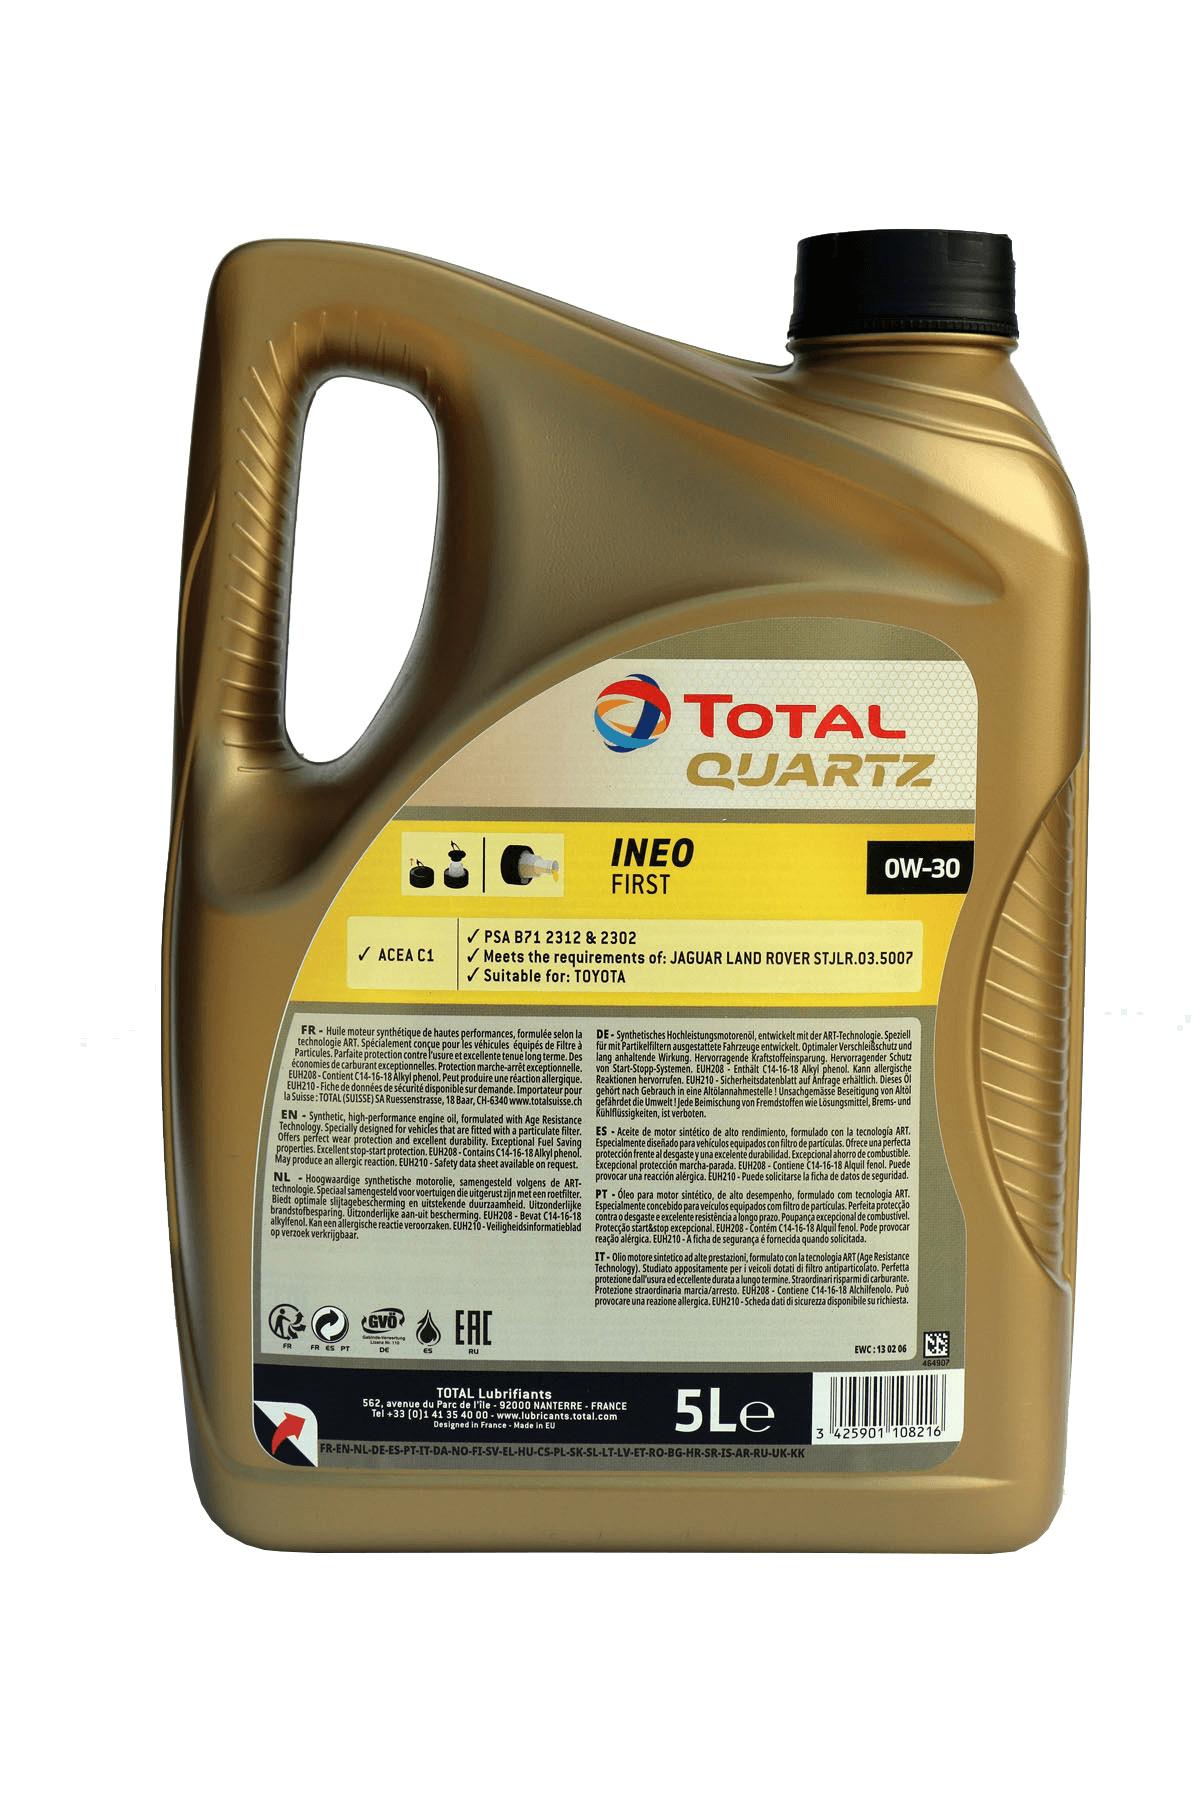 Total Quartz INEO FIRST 0W-30 Motoröl, 5l